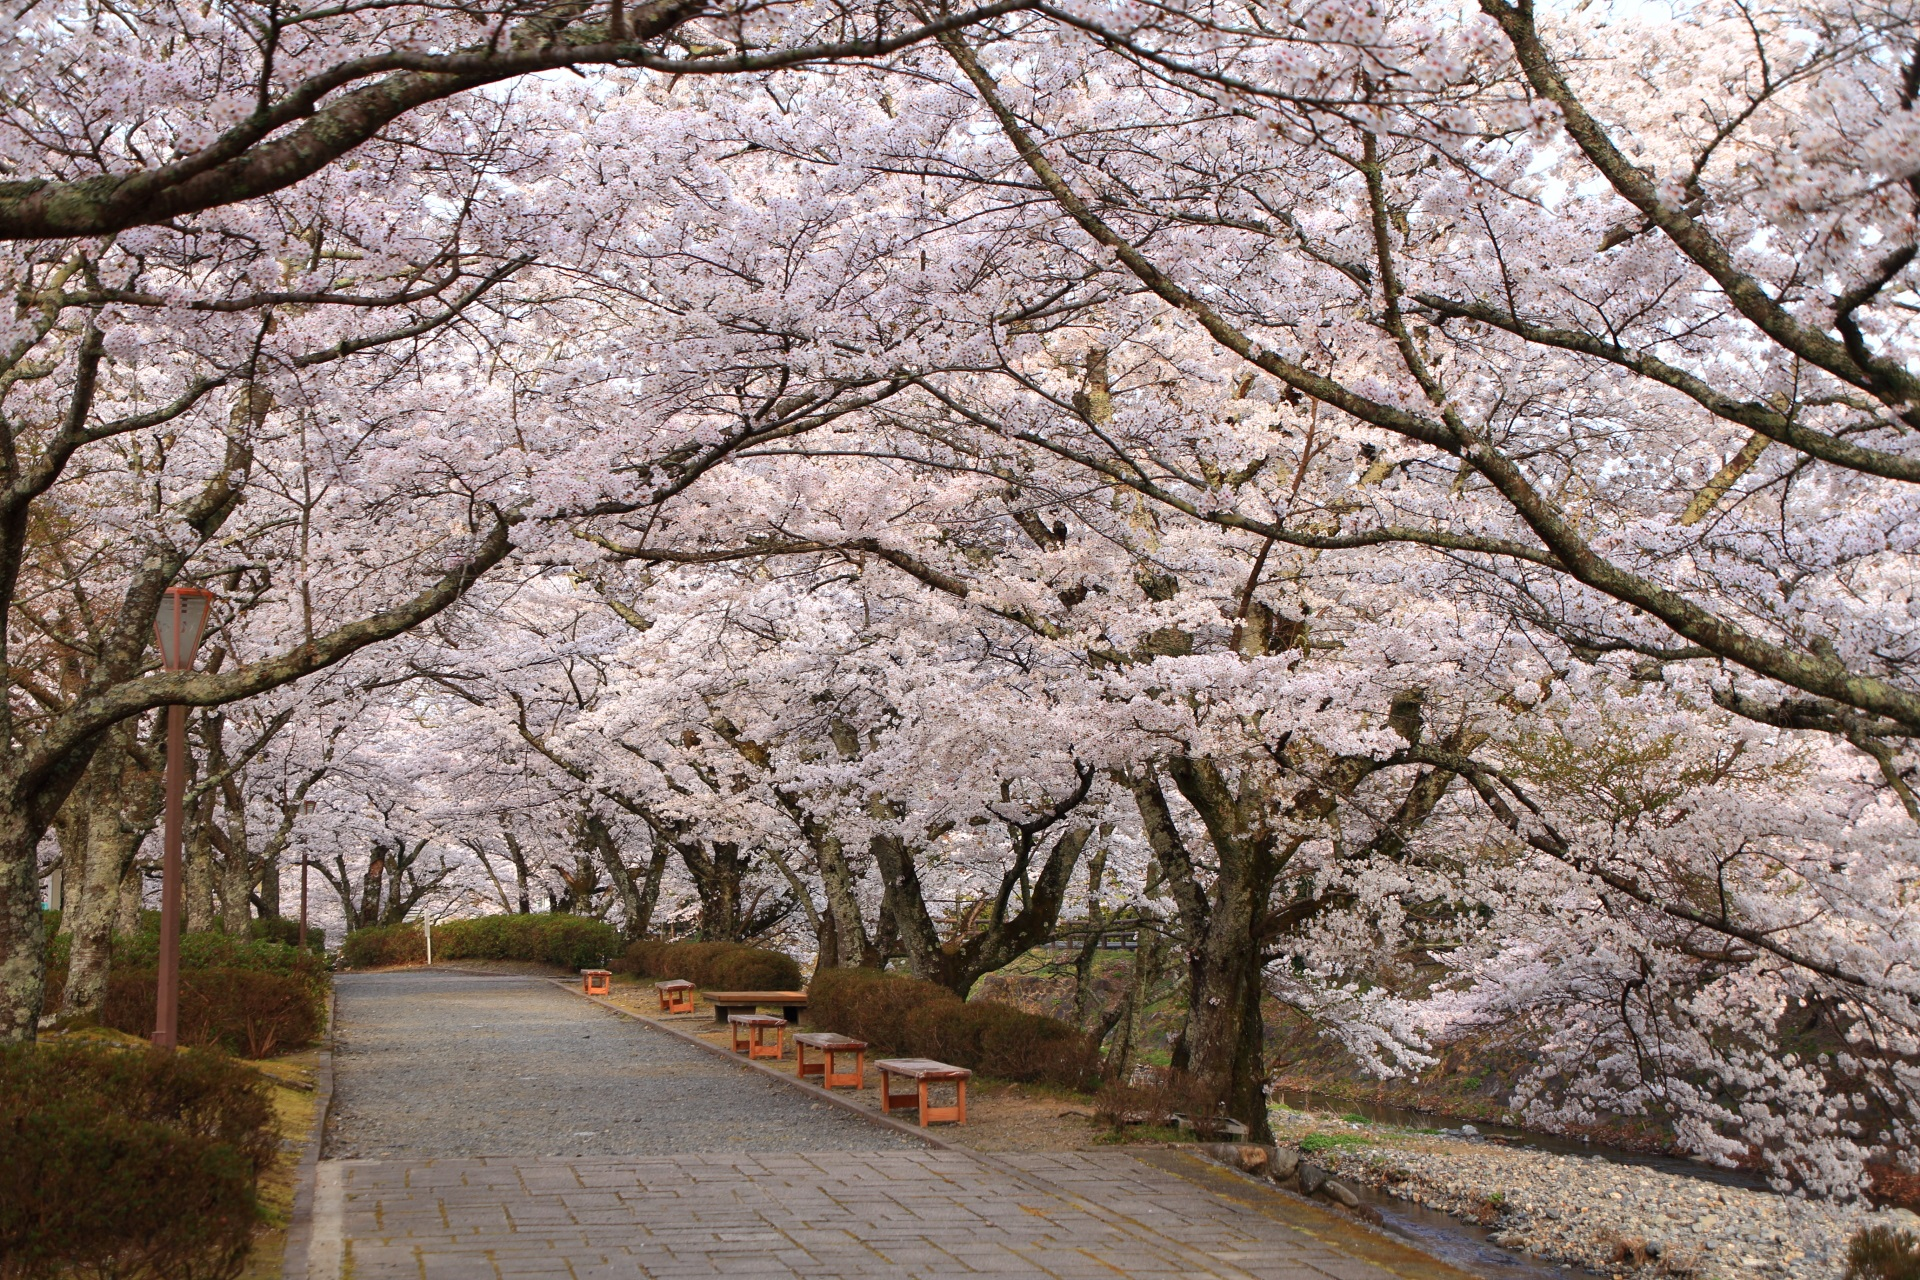 七谷川と和らぎの道は亀岡の桜の名所